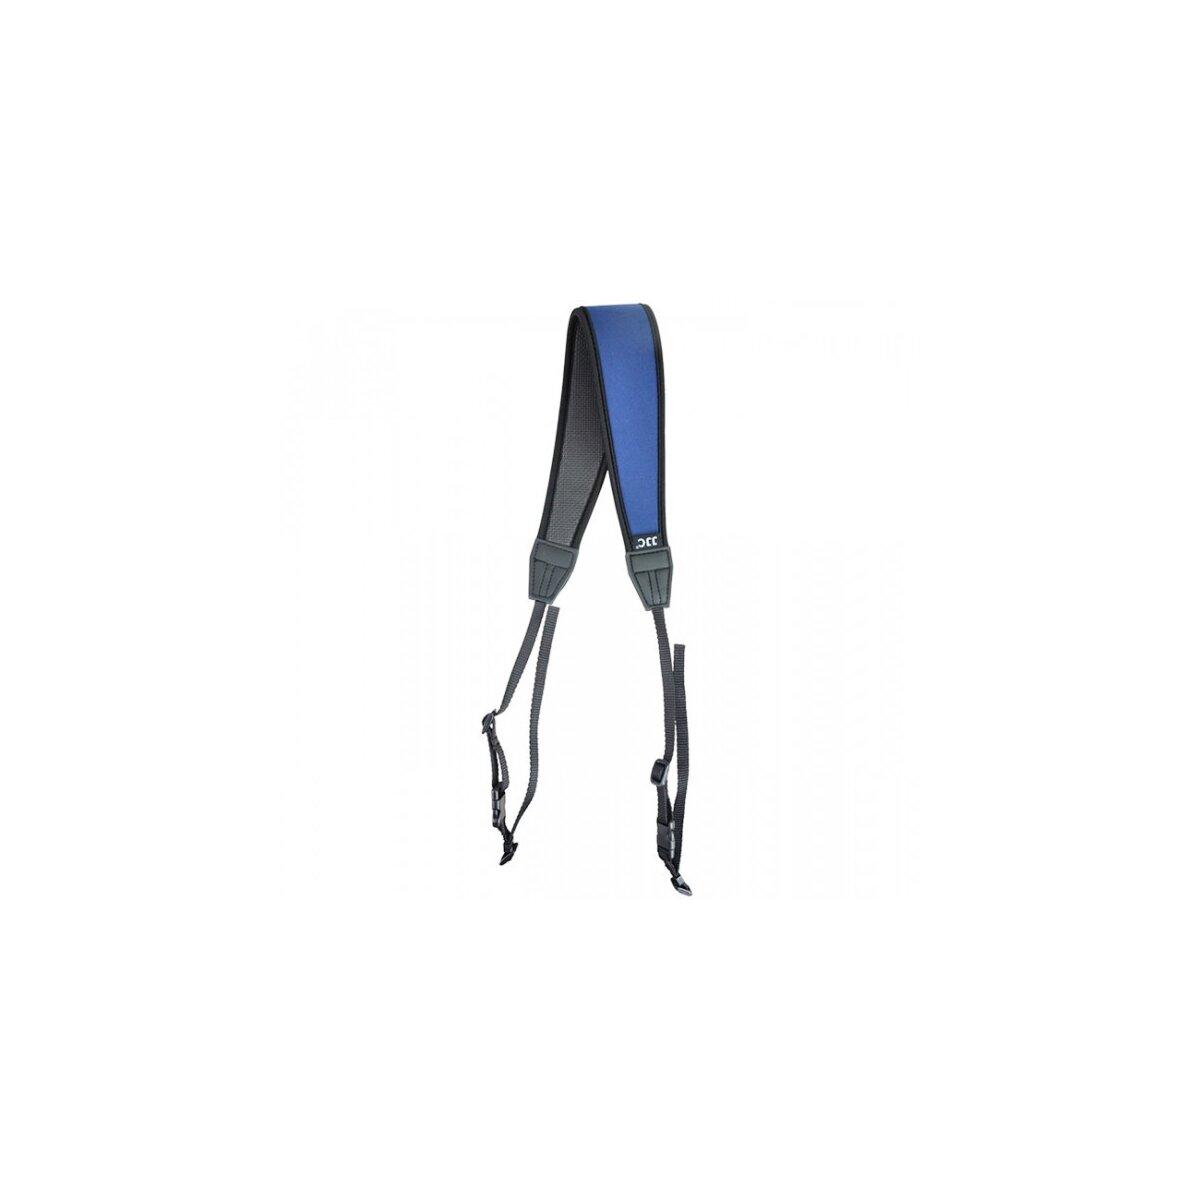 Hochwertiger Neopren-Kameragurt Schulterriemen mit Schnellverschluss-System in Blau